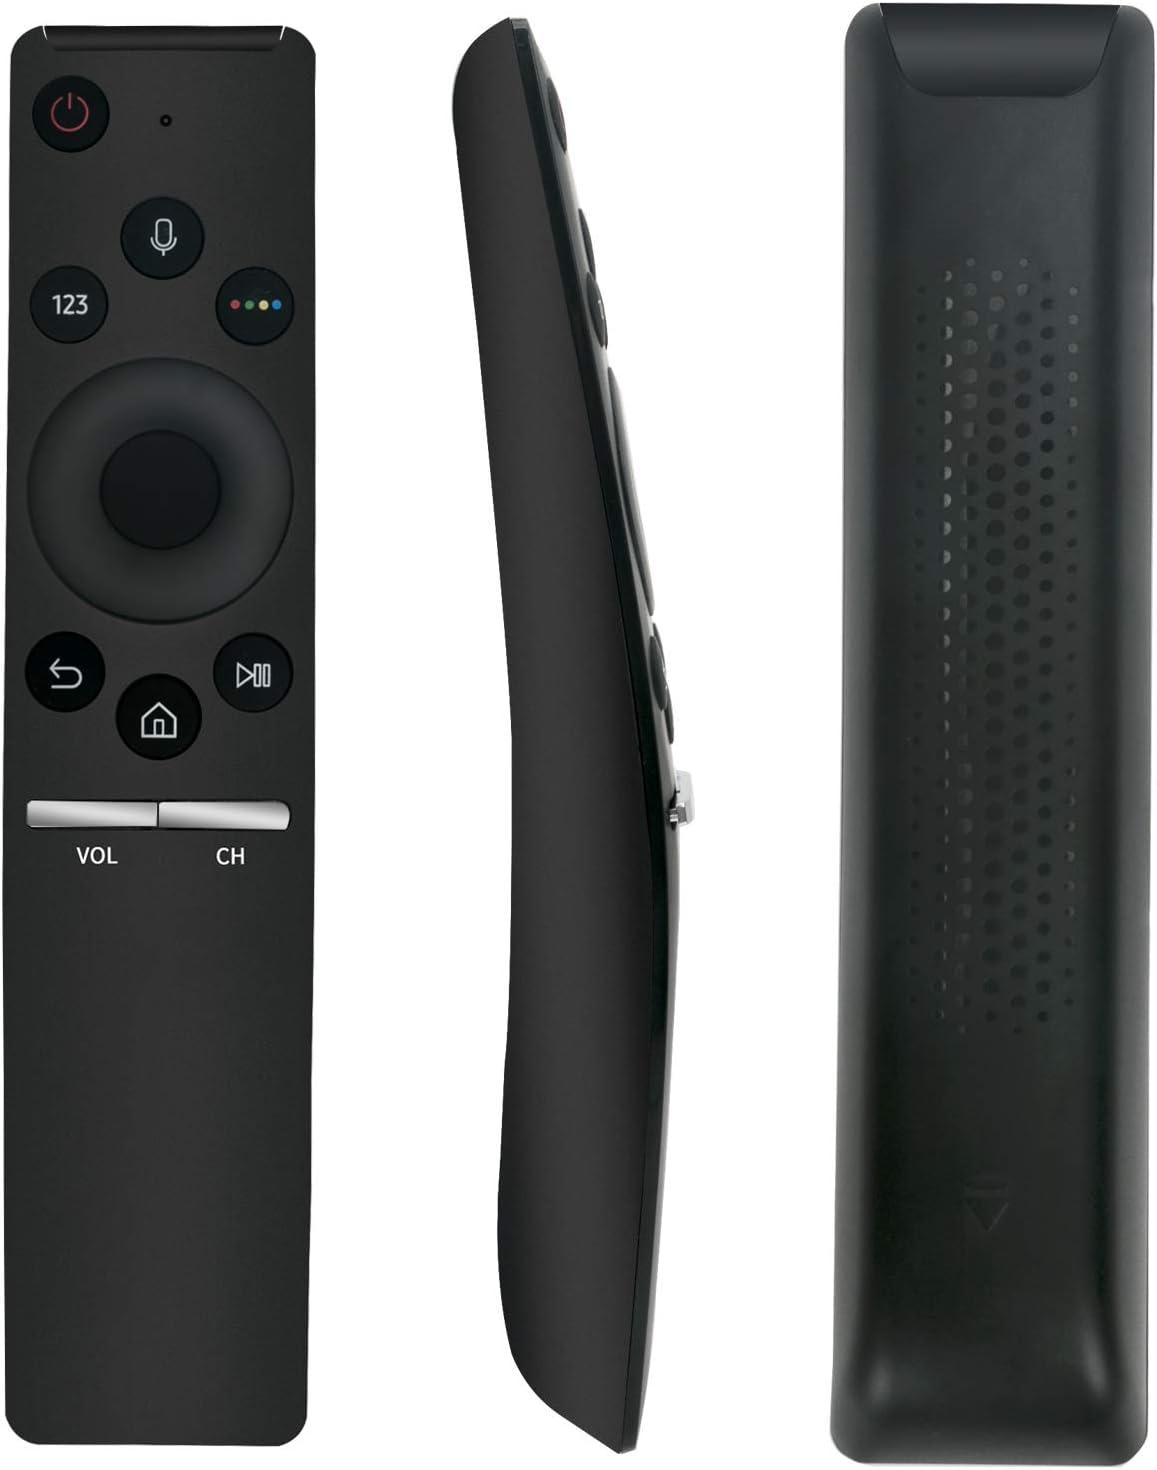 WINFLIKE BN59-01266A RMCSPM1AP1 Replace Voice Remote Control Fit for Samsung Smart 4K Ultra HDTV TV UN55MU630D UN65MU850D UN40MU6300F UN55MU7000FXZA